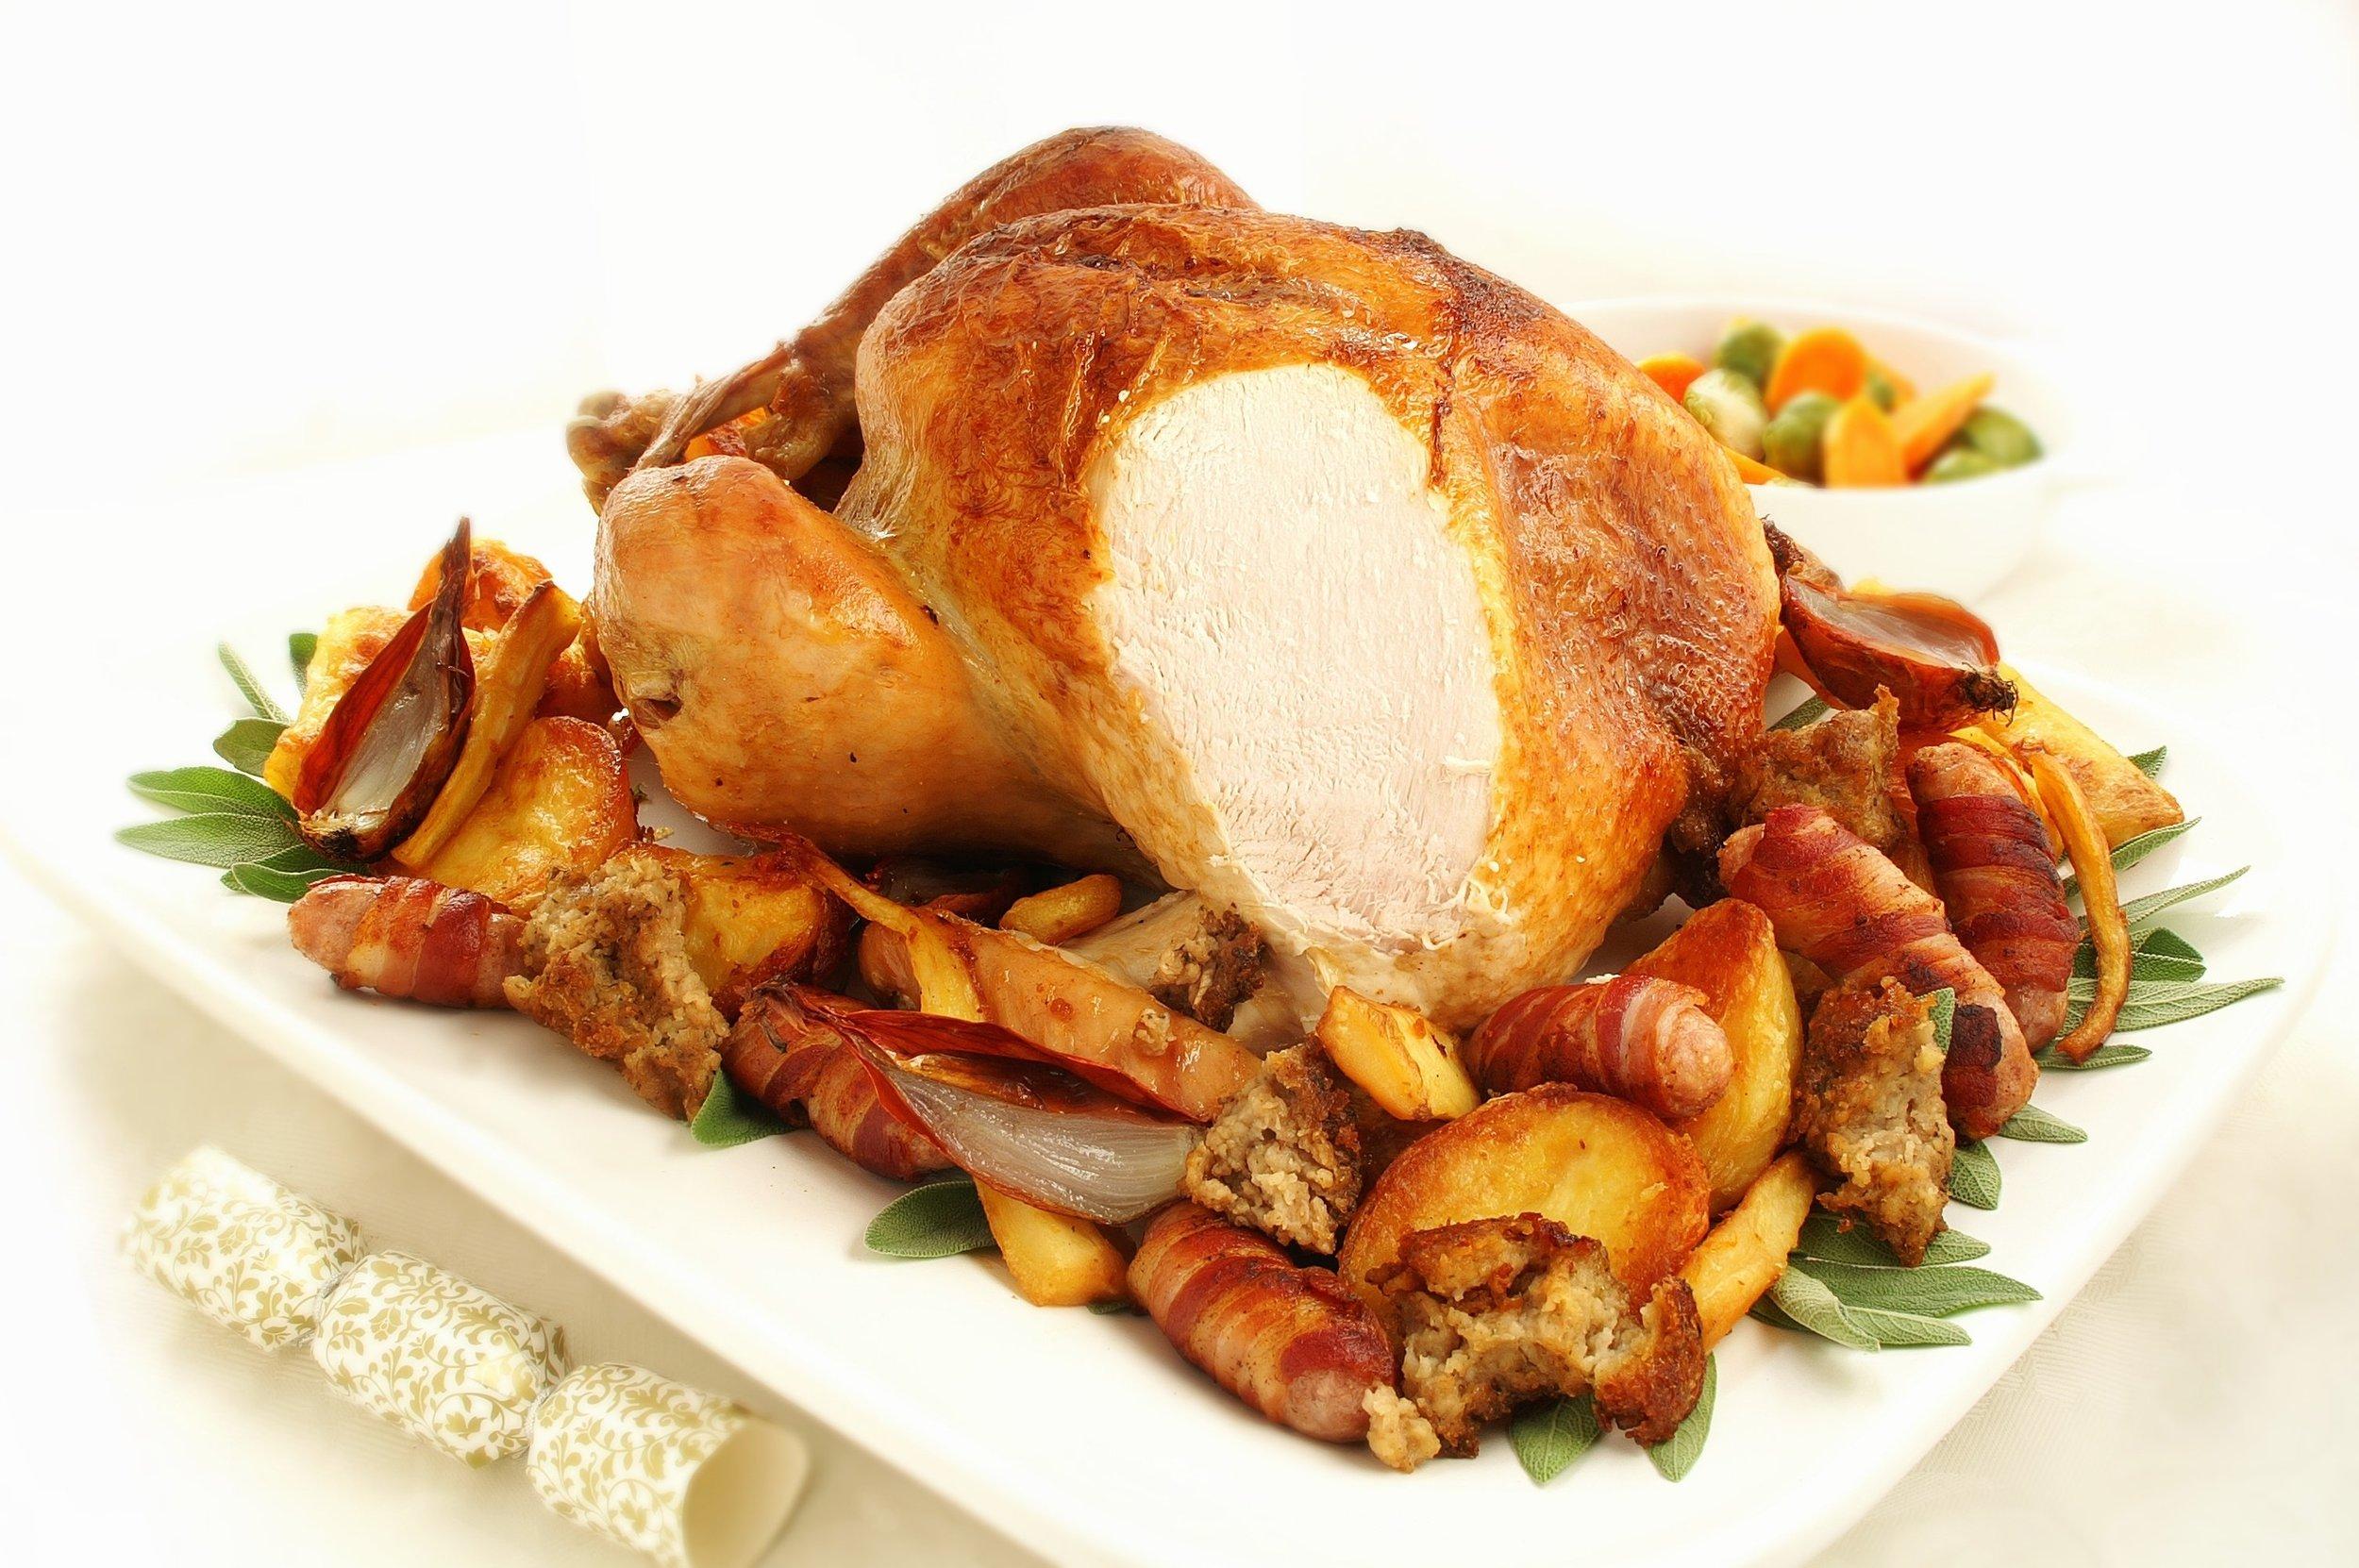 Bigstock-37199674-traditional-roast-turkey-dinner[1].jpg